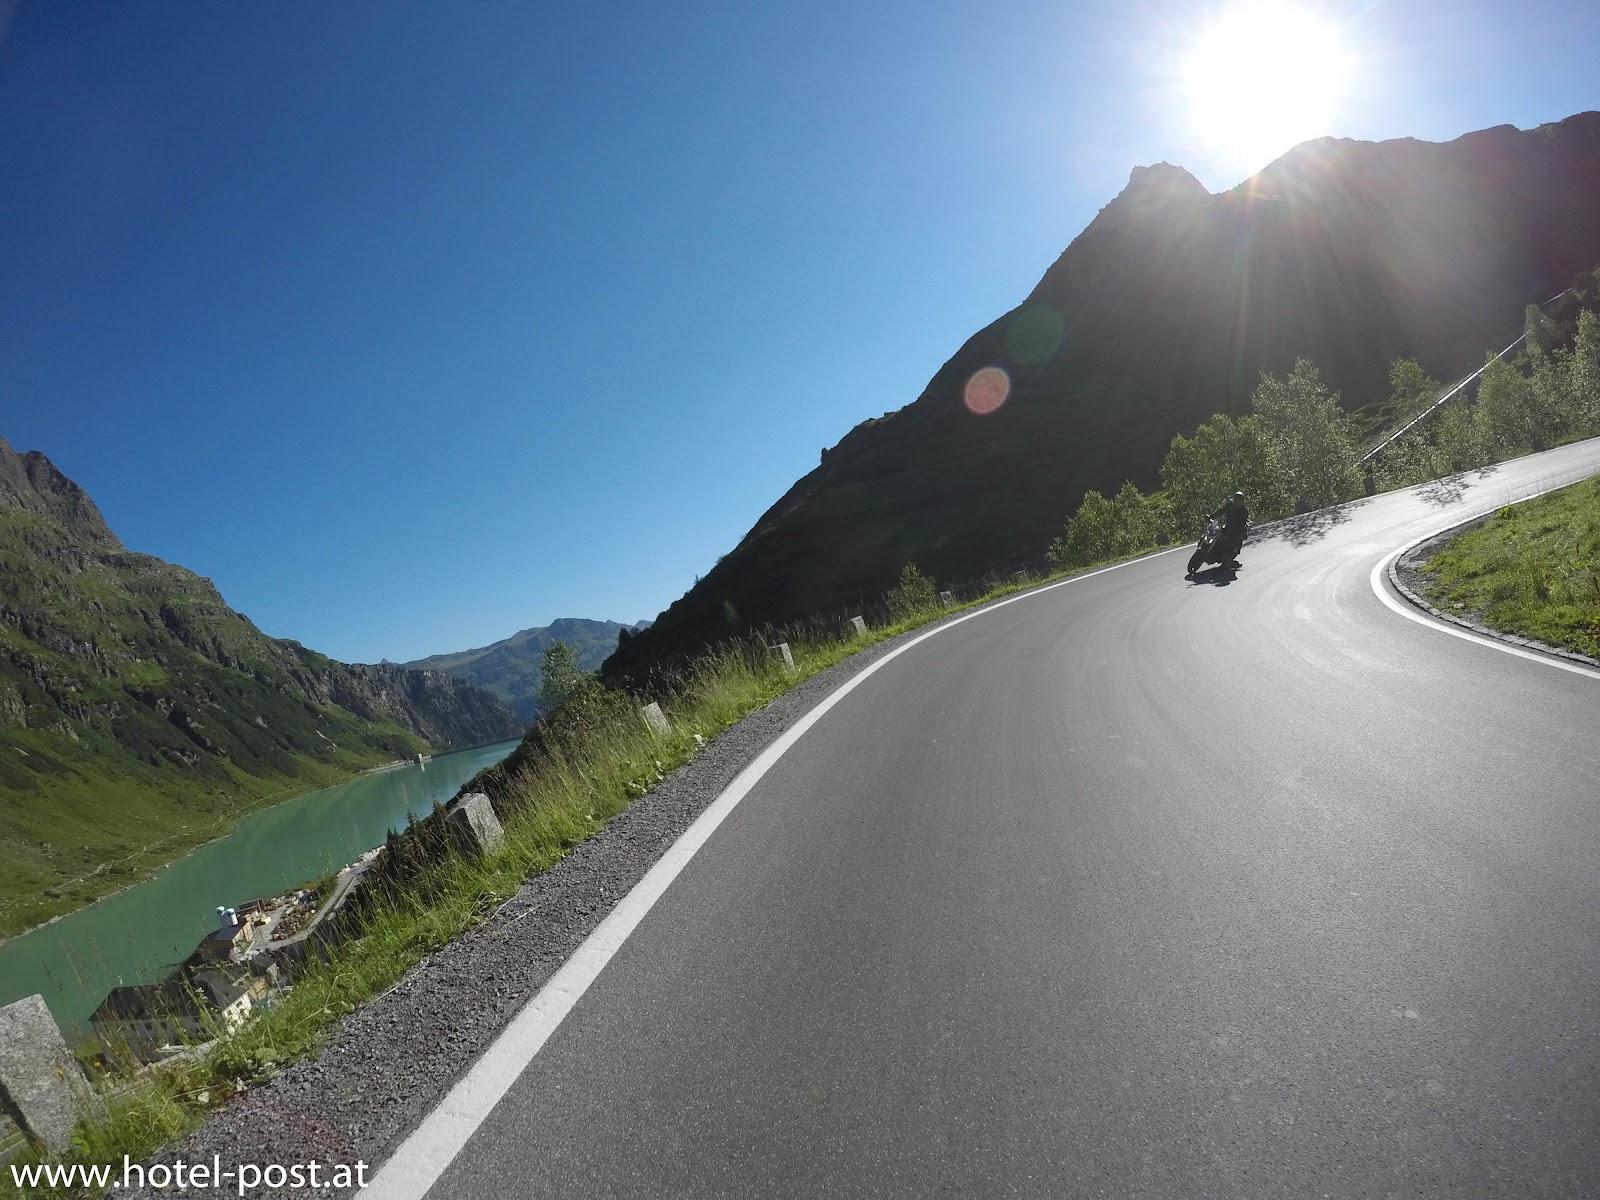 Motorrad - postWirts geführte Motorradtour 06.07.2017